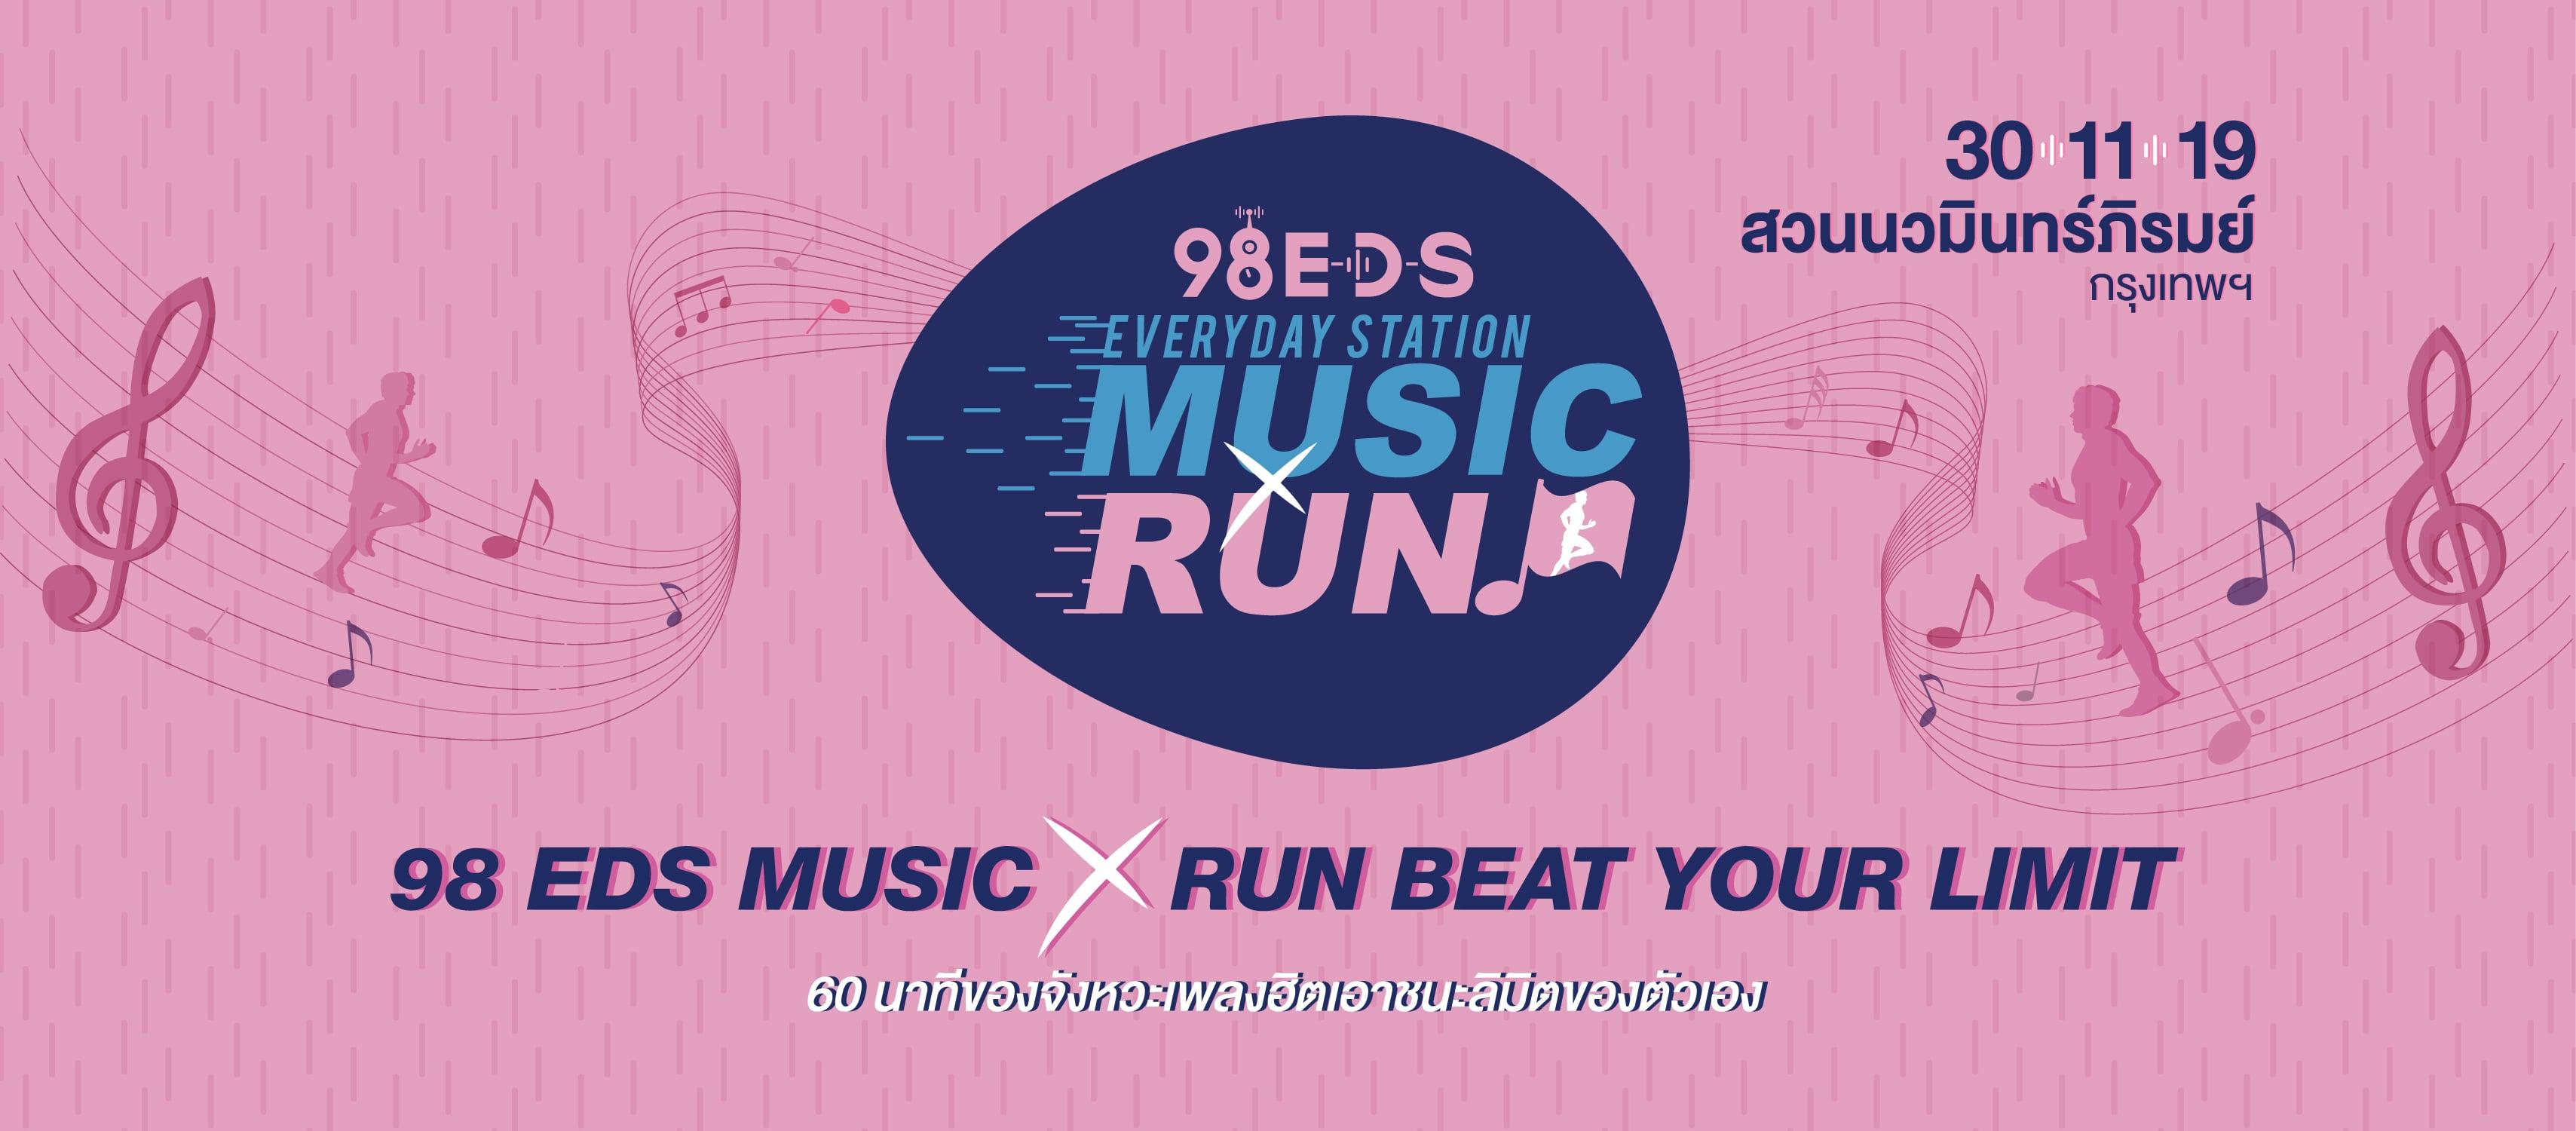 EDS MUSIC RUN 2019